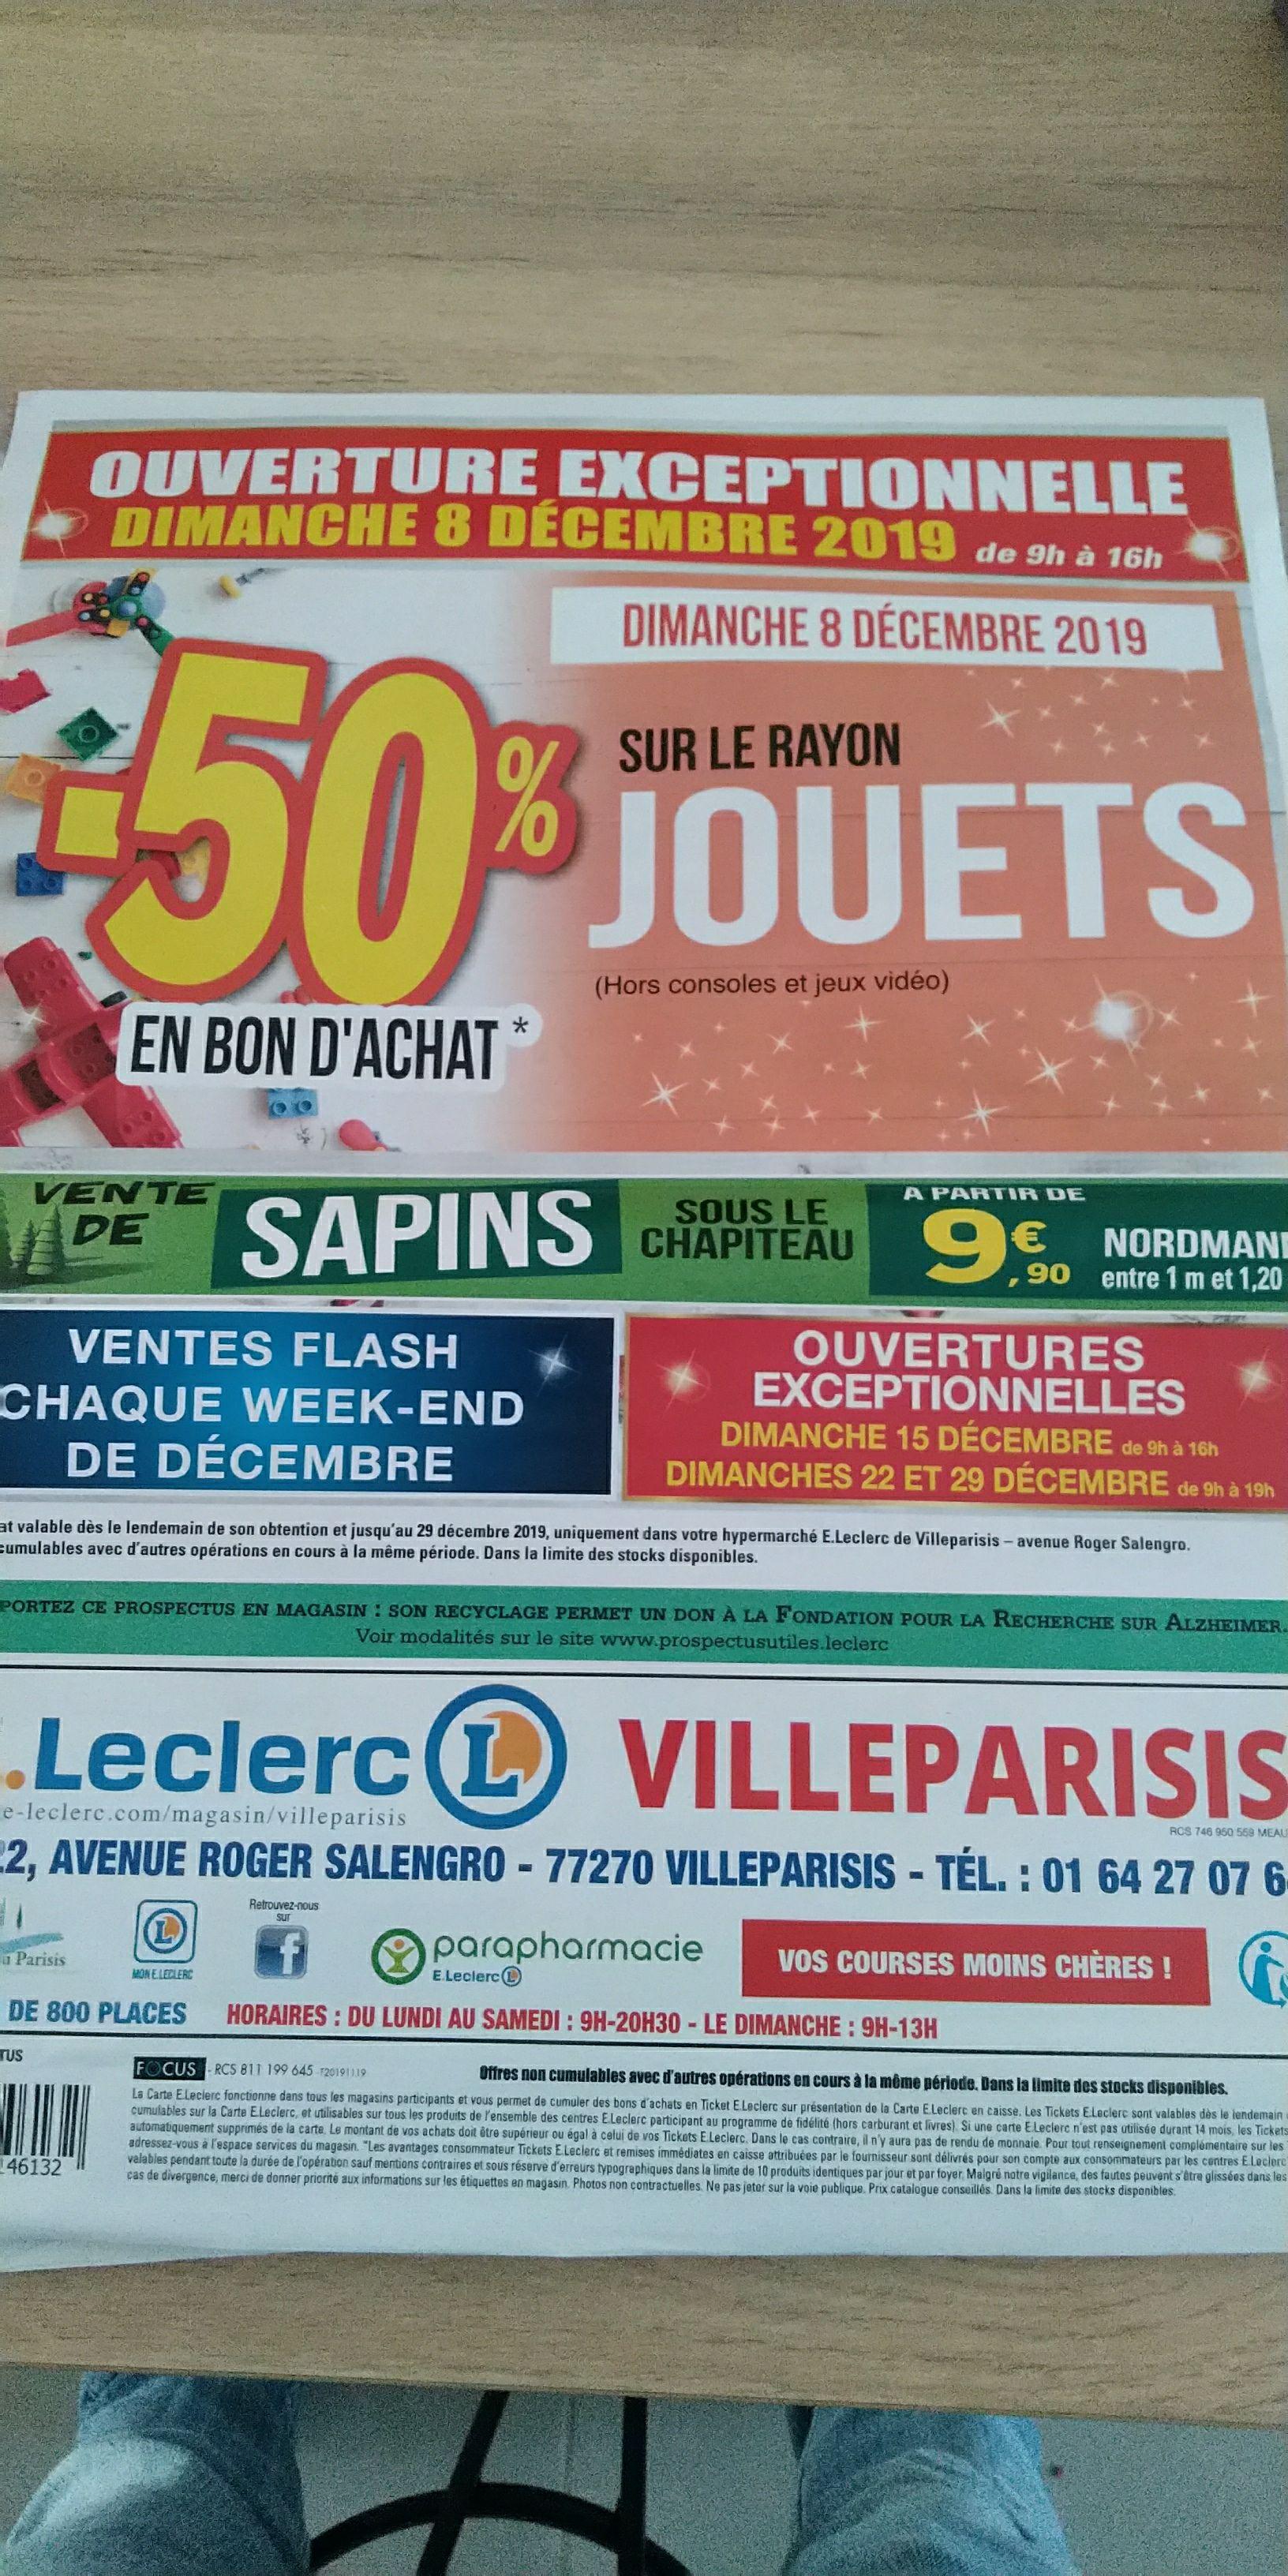 50% de réduction sur le rayon jouets crédités en bon d'achat - Villeparisis (77)